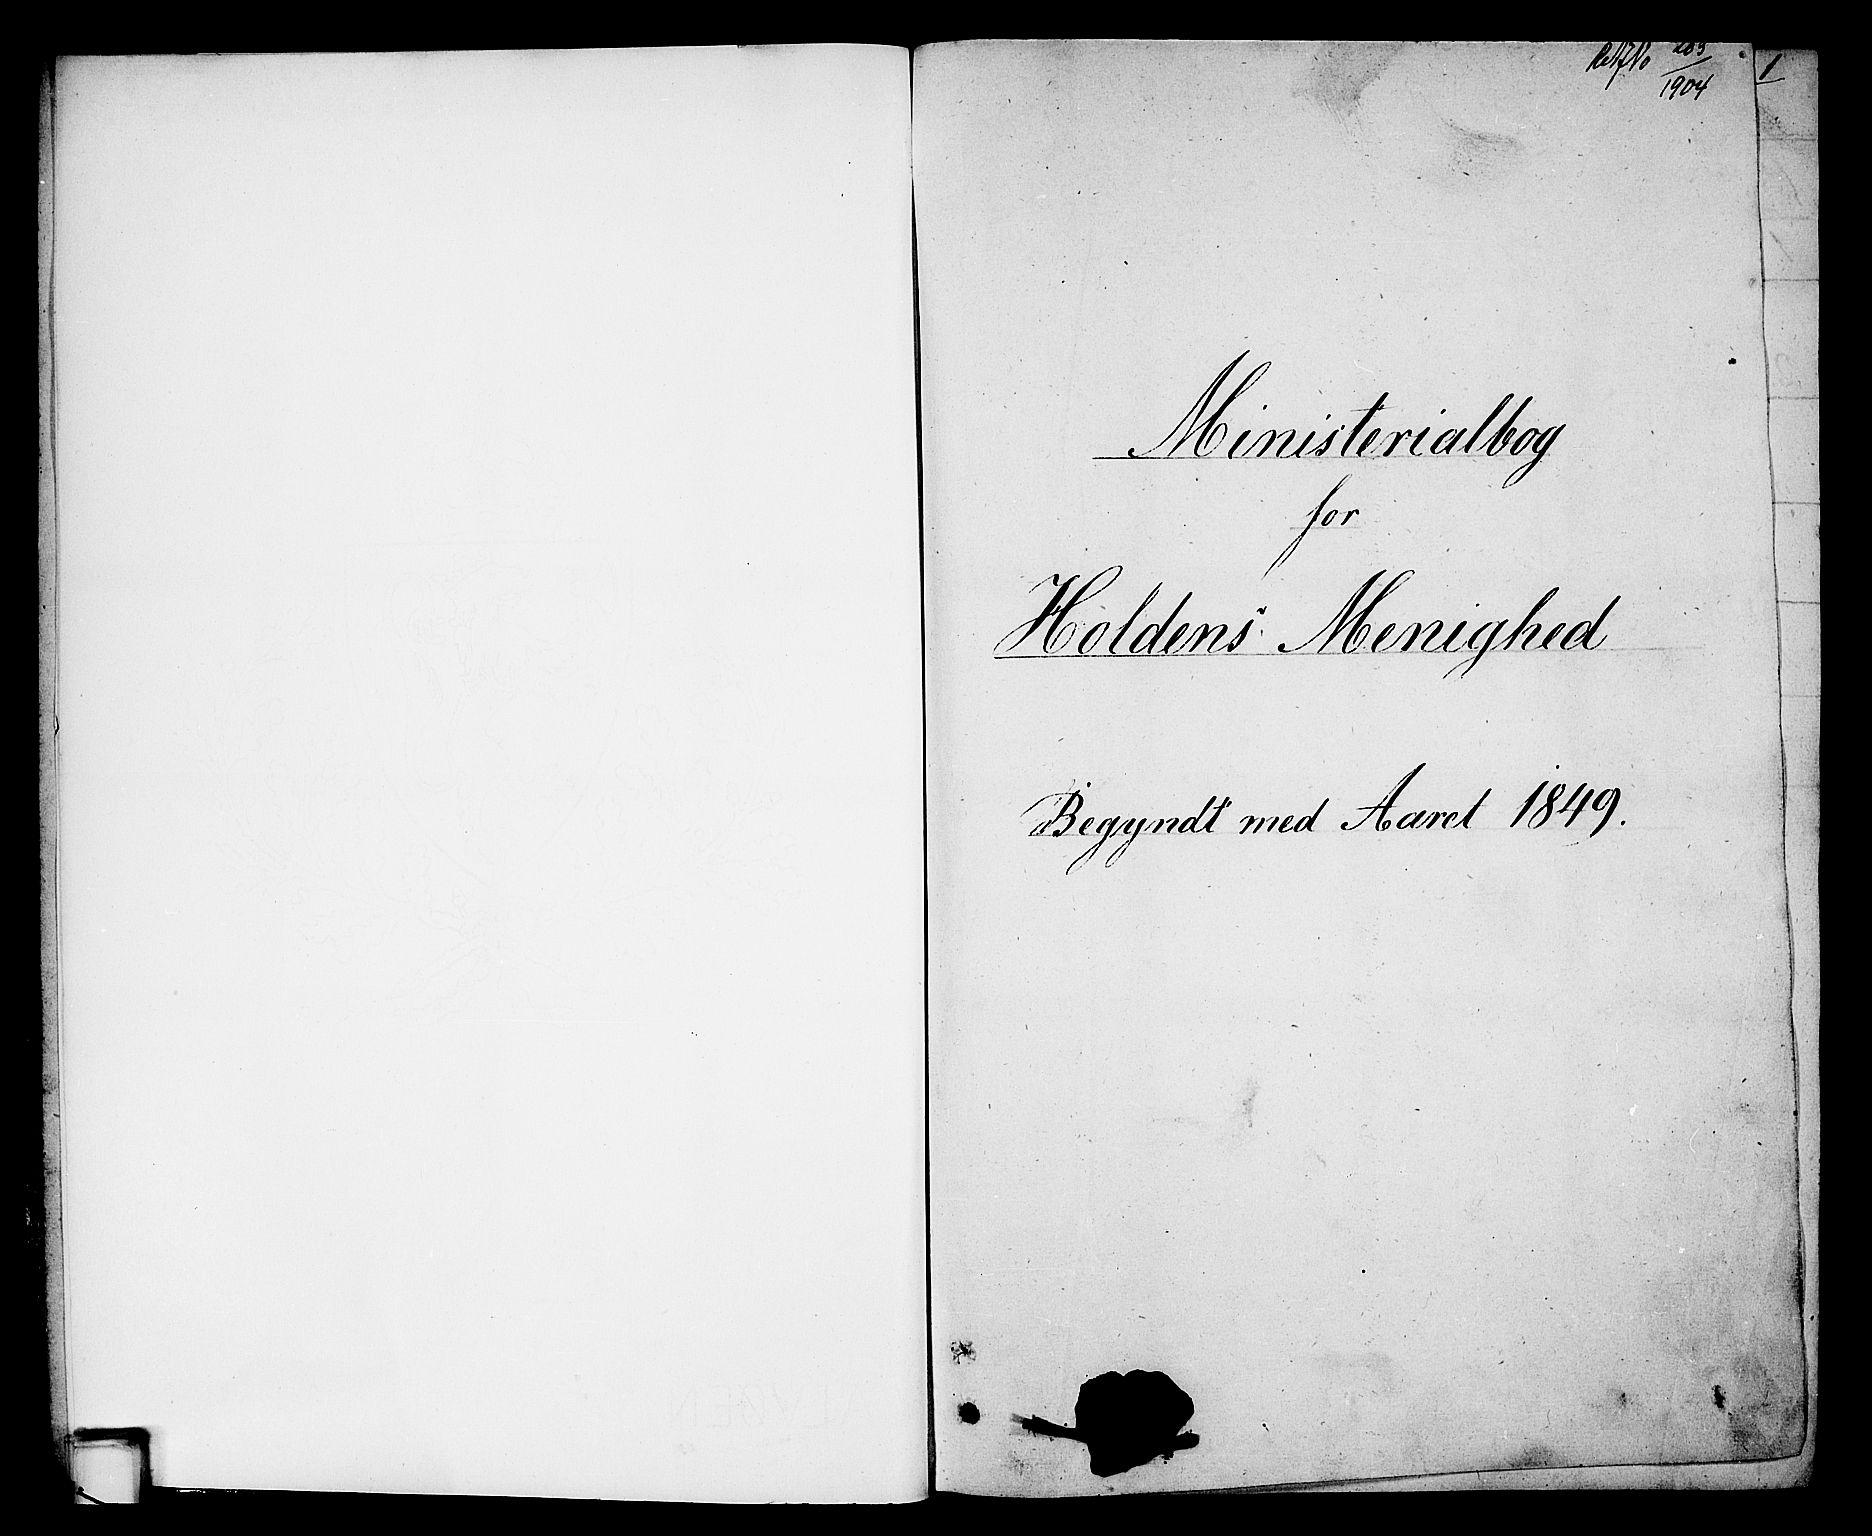 SAKO, Holla kirkebøker, G/Ga/L0003: Klokkerbok nr. I 3, 1849-1866